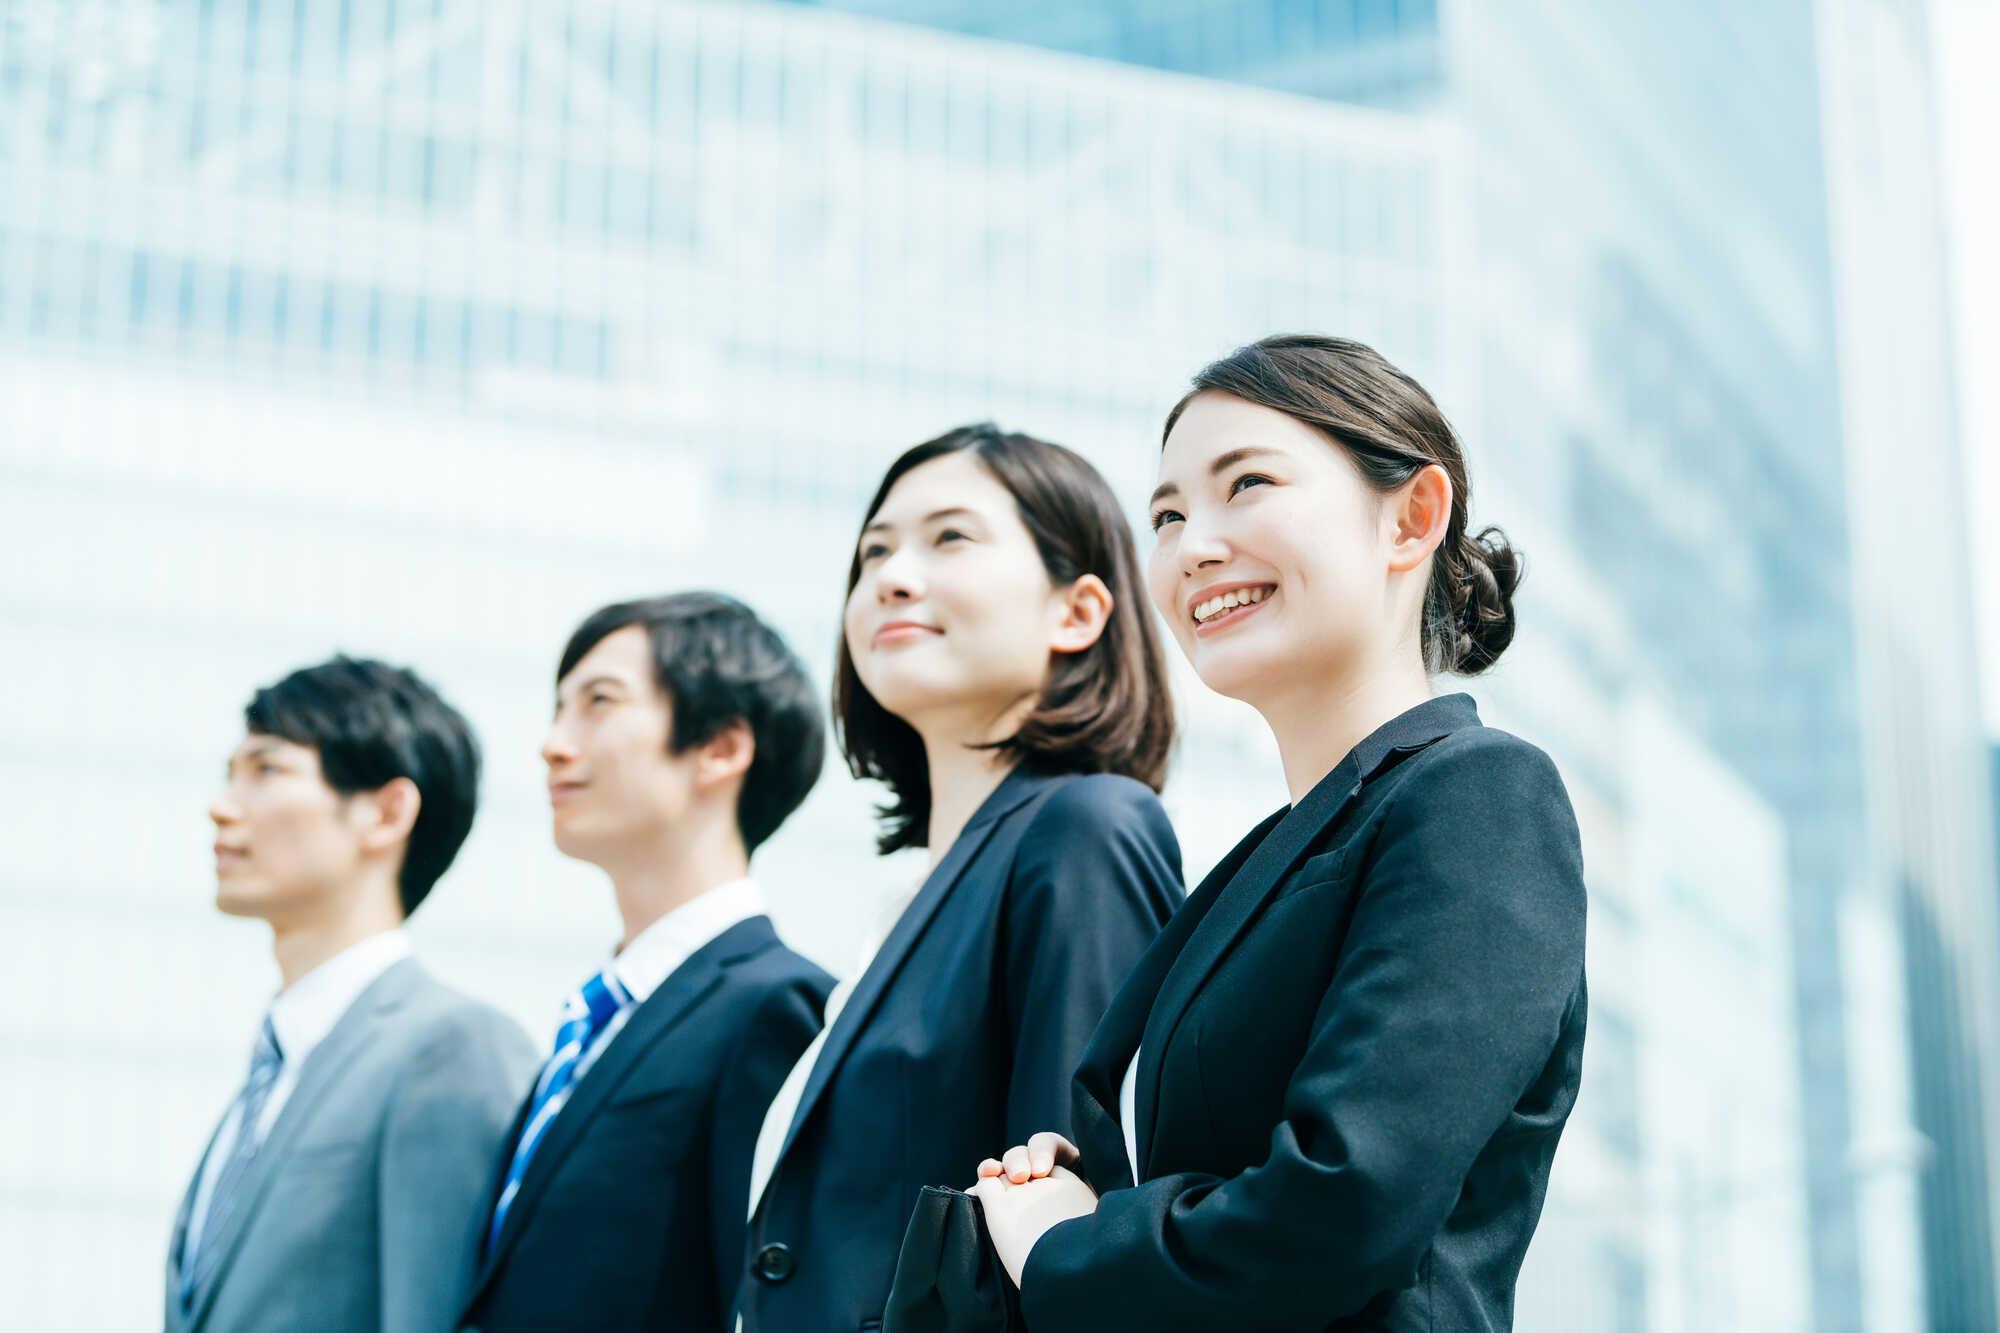 中小企業が素直な若手人材を採用する